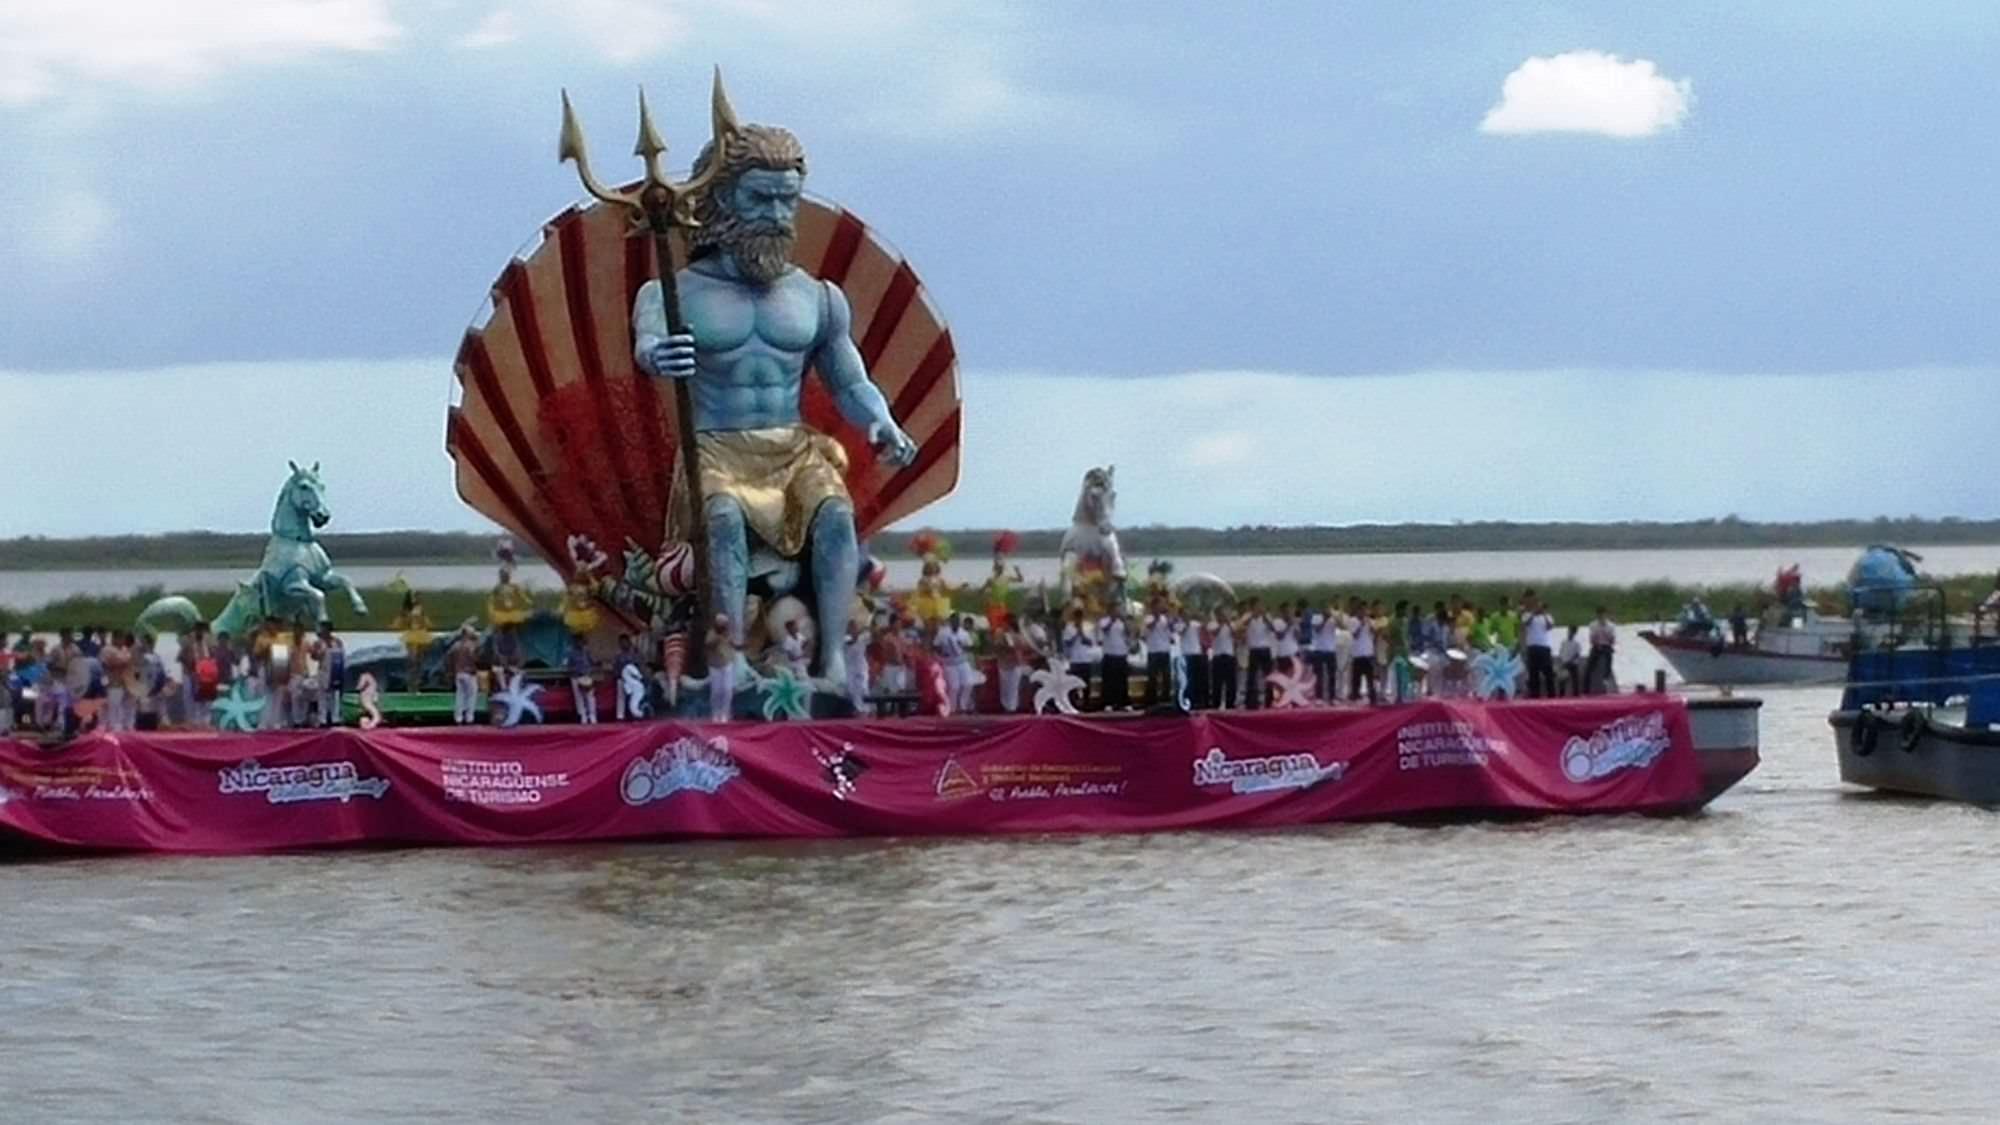 Il grande Nettuno dei fratelli Bonetti protagonista al Carnevale acquatico di San Carlos. Sempre più stretta la collaborazione tra Viareggio e Nicaragua